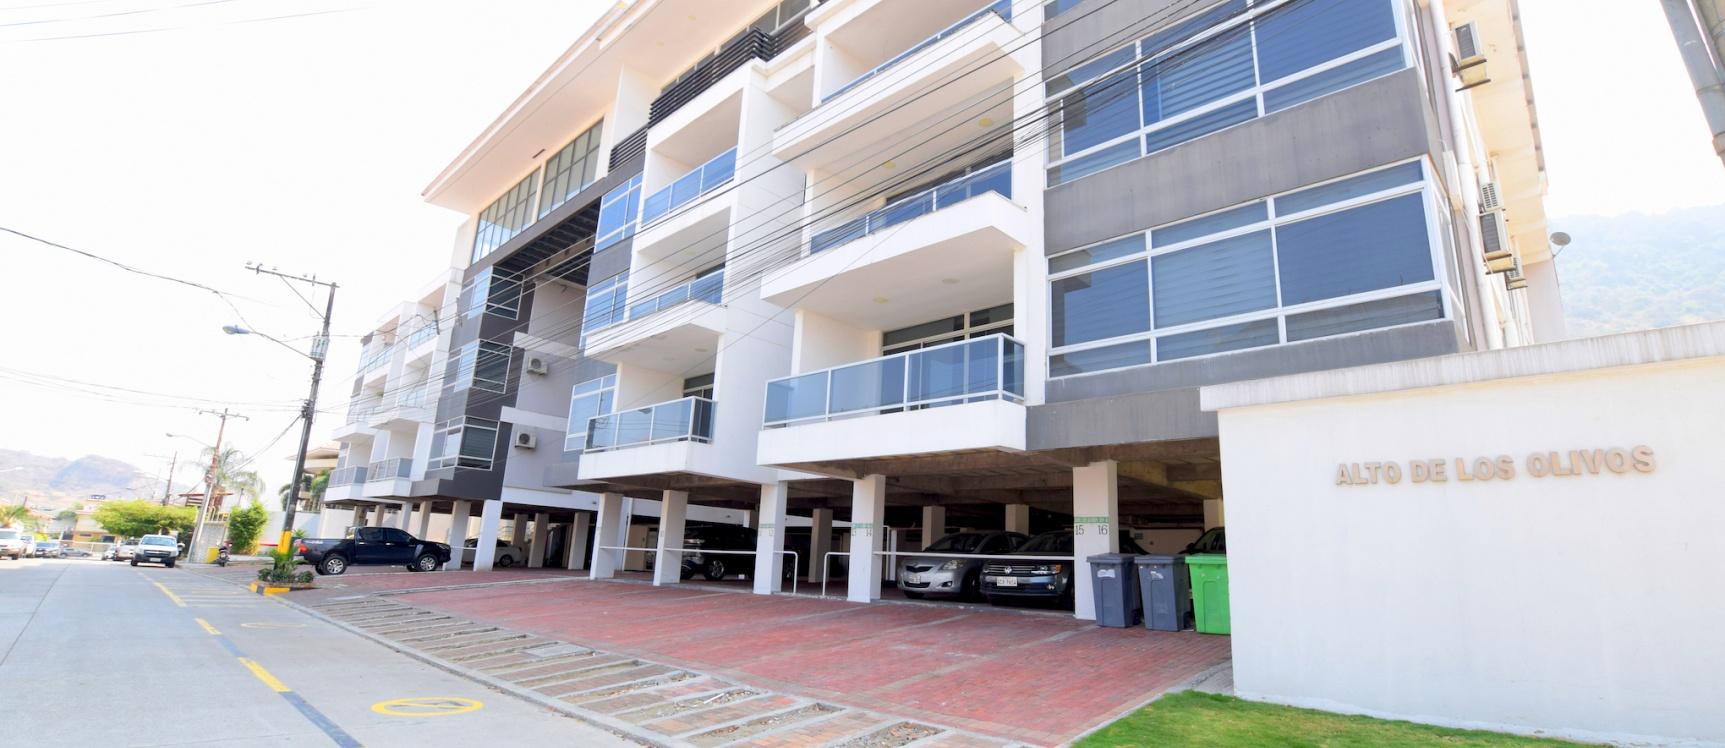 GeoBienes - Departamento en alquiler ubicado en Olivos II, Norte de Guayaquil - Plusvalia Guayaquil Casas de venta y alquiler Inmobiliaria Ecuador